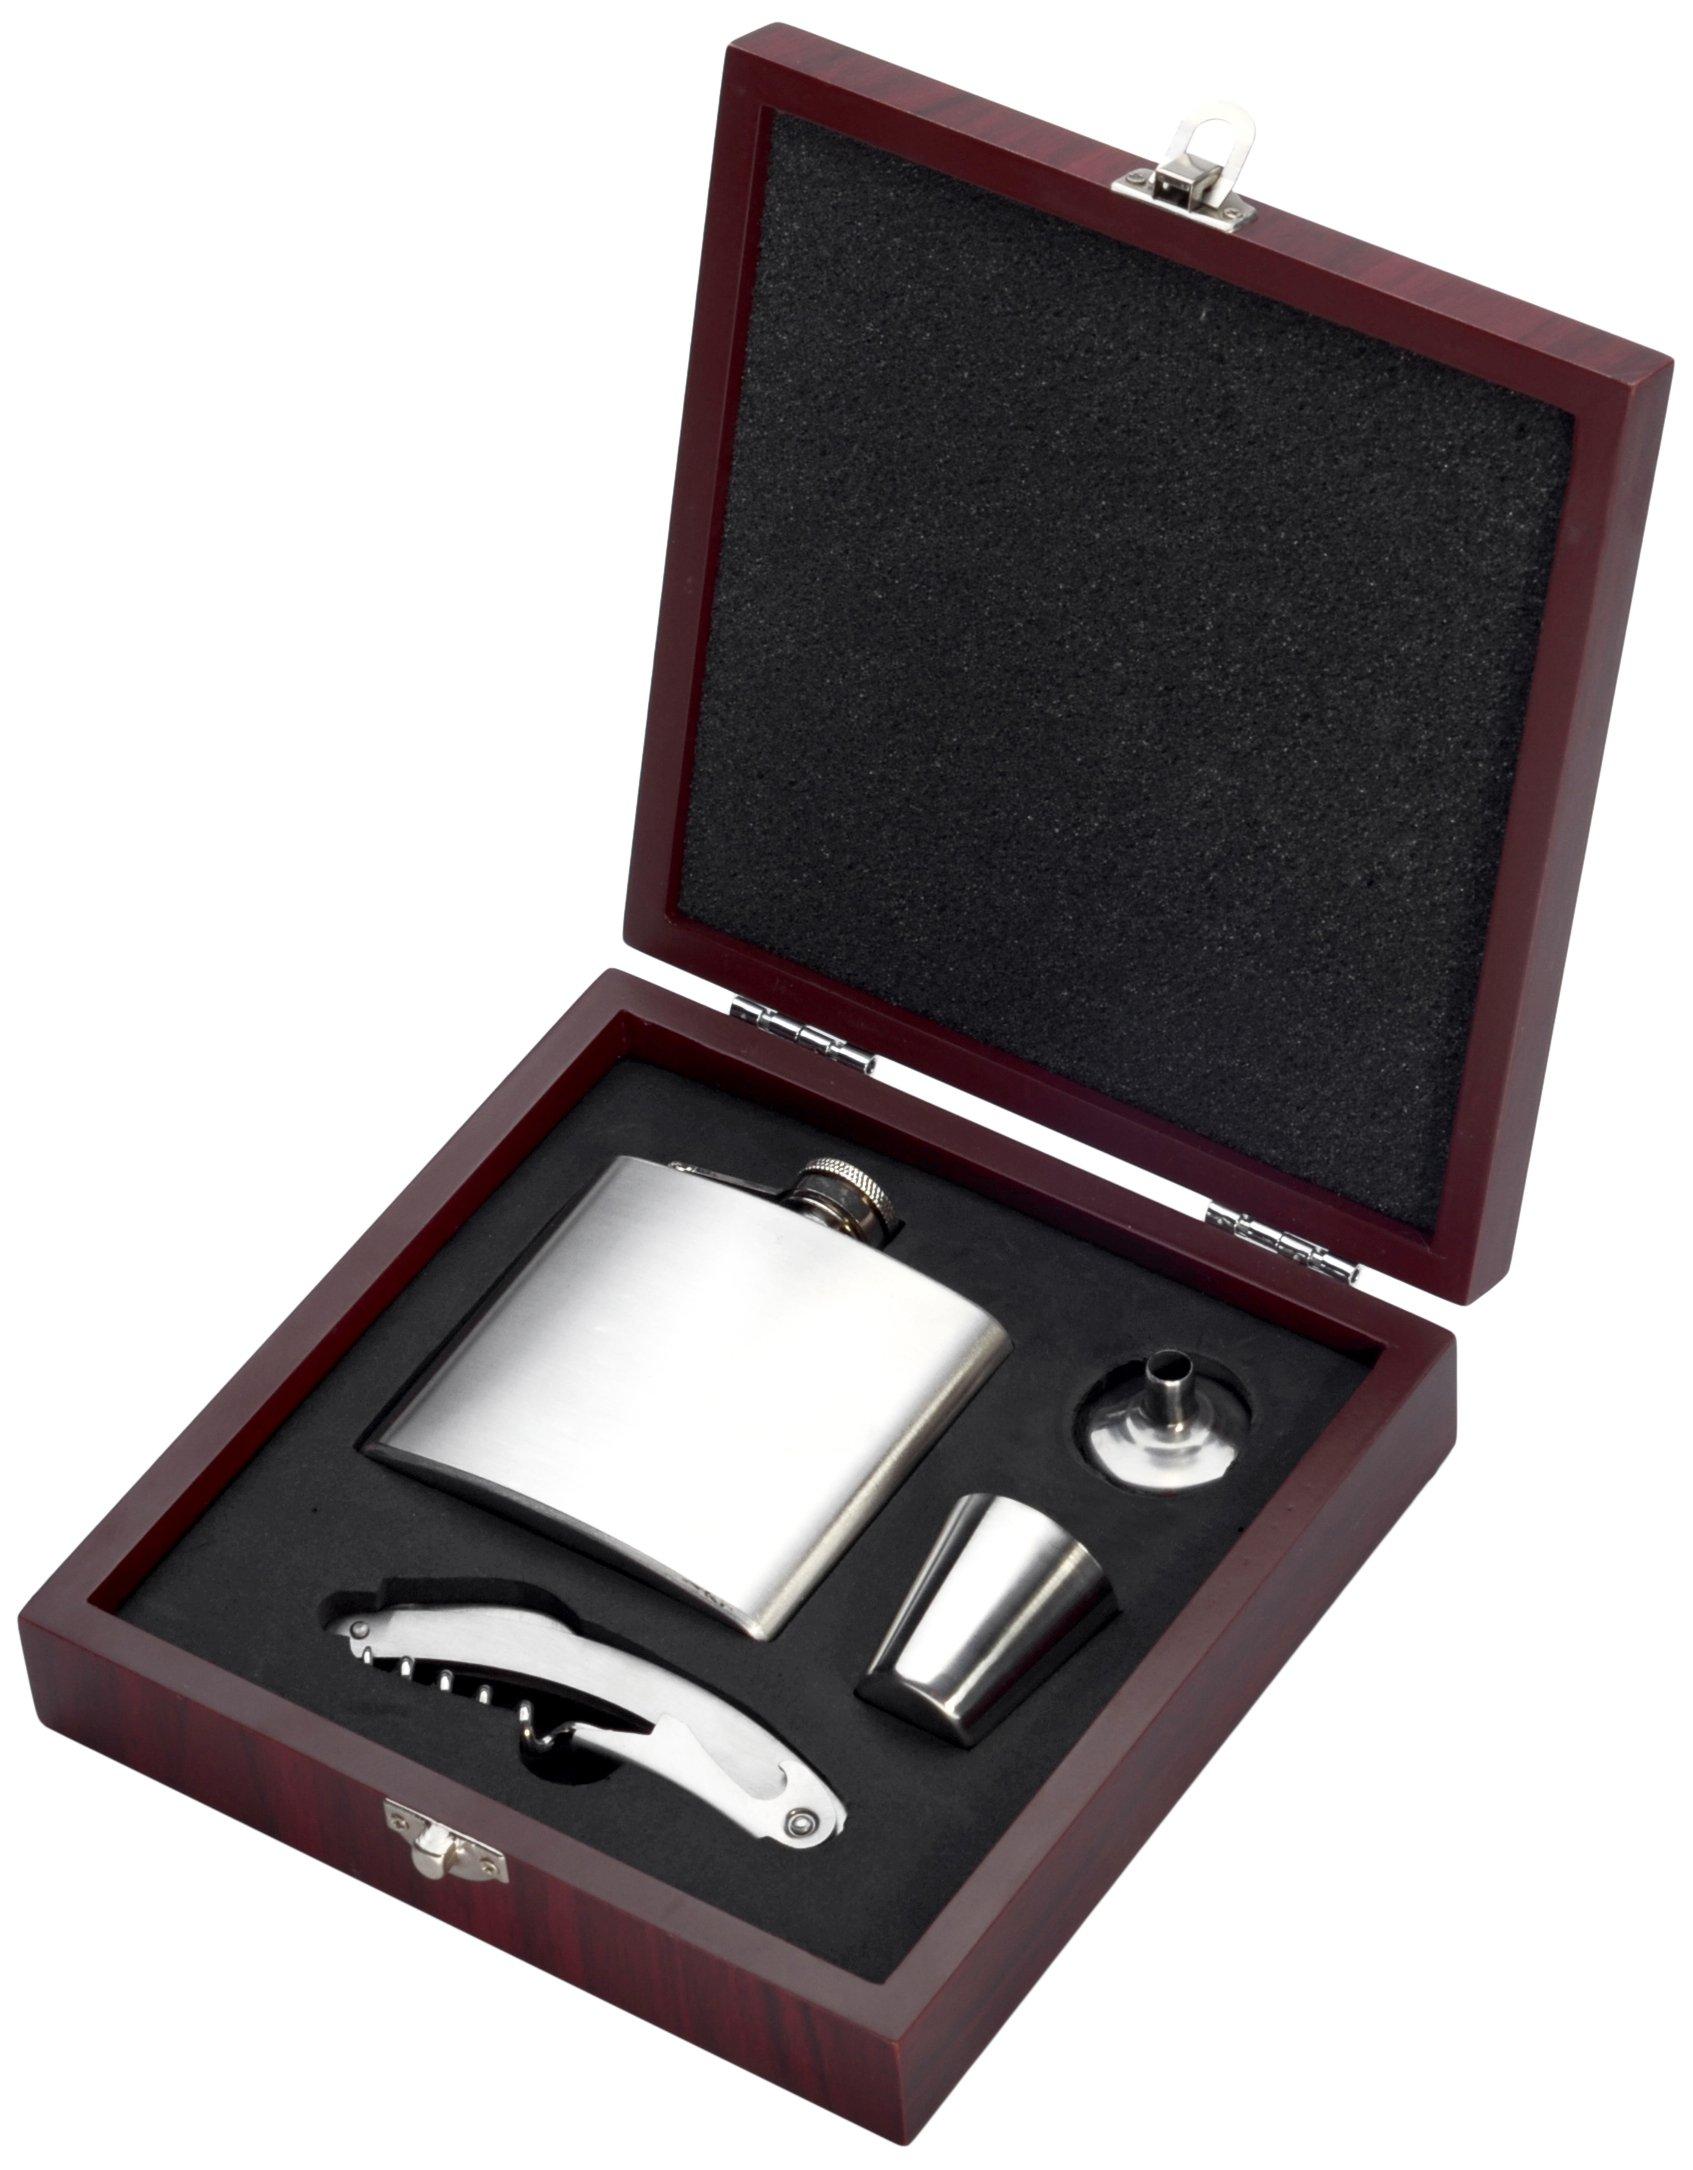 Compra Pradel Excellence RT802FLA - Estuche con petaca para Alcohol y Accesorios, 20, 8 x 19, 6 x 5, 3 cm en Amazon.es